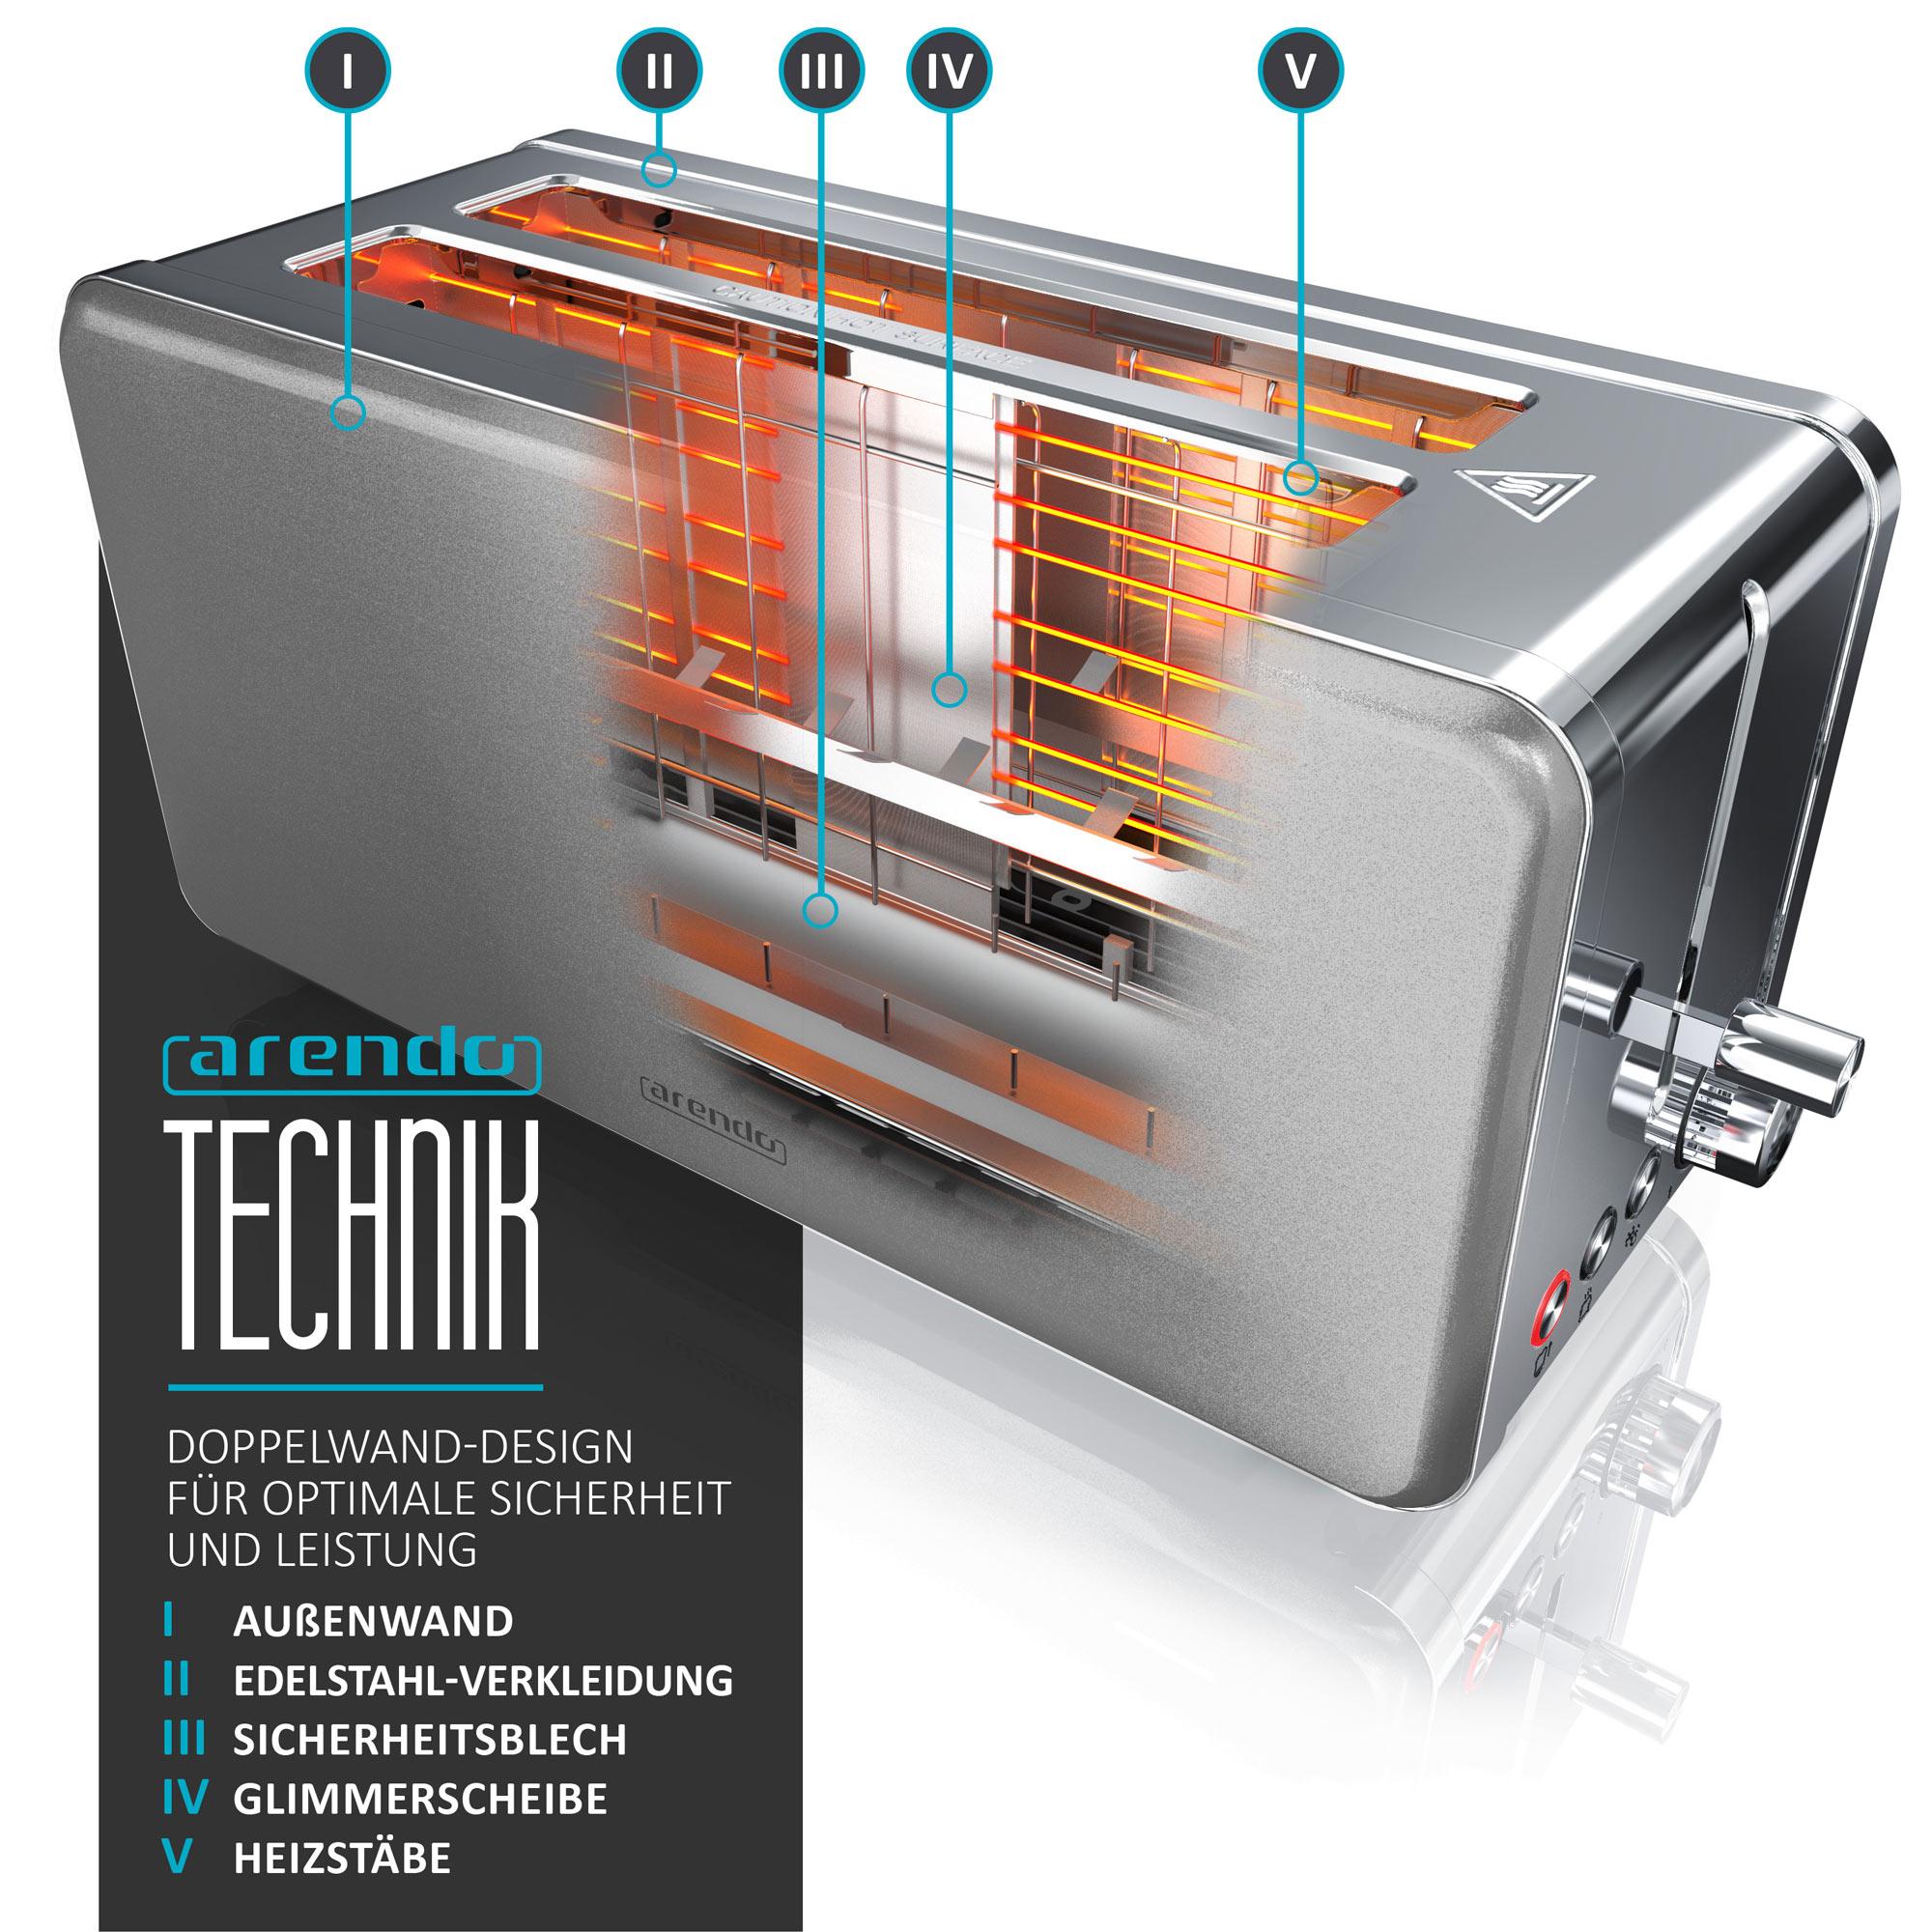 303263_toaster_DB-wand_grafik.jpg